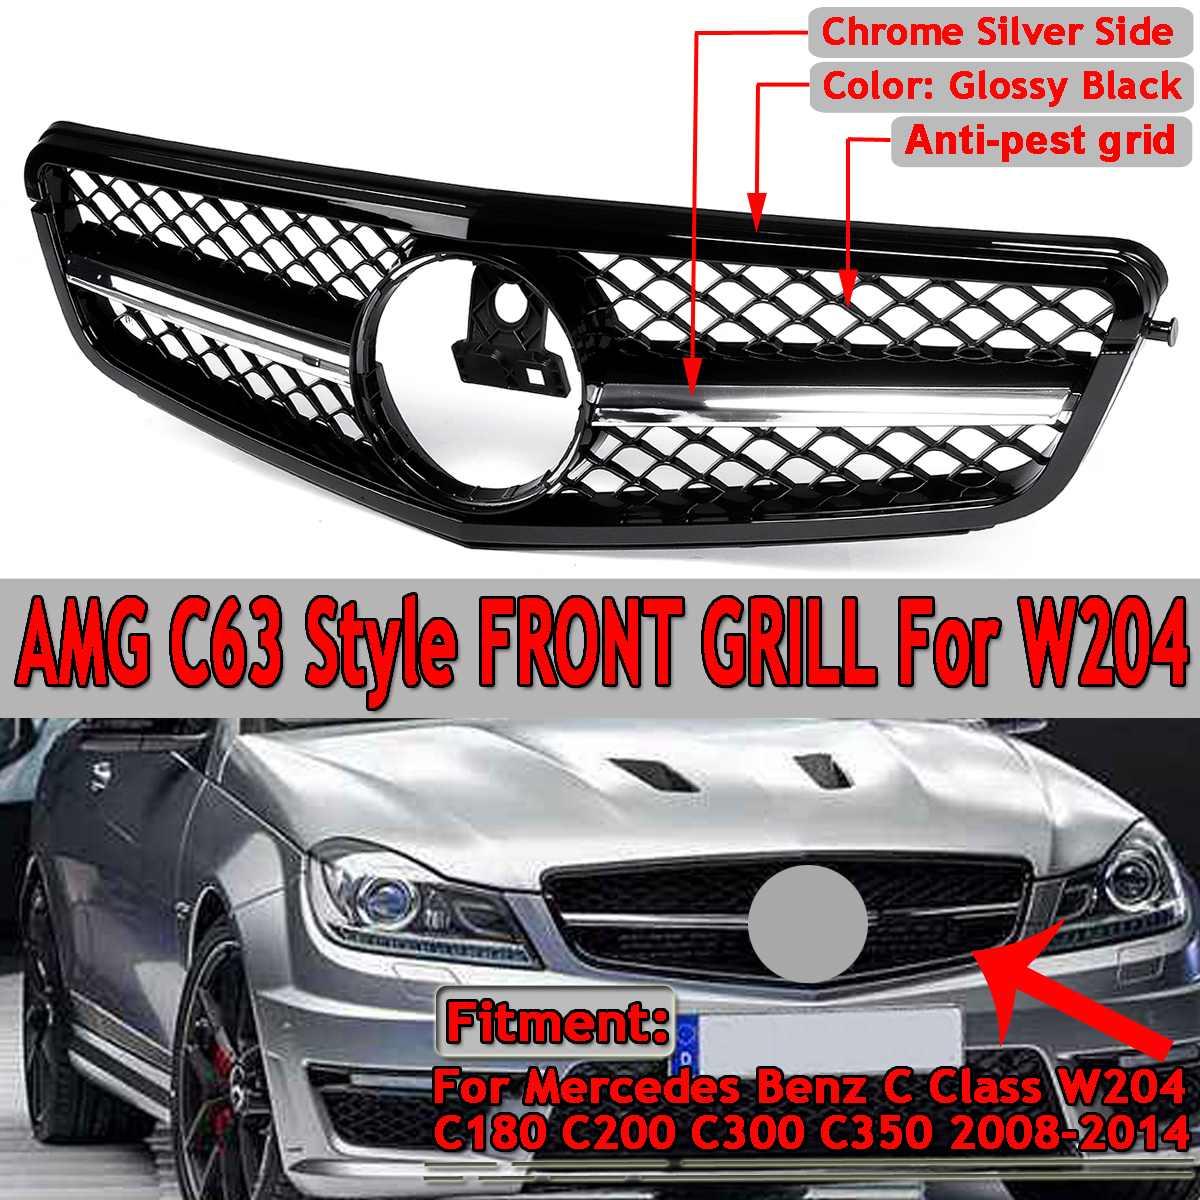 Para amg c63 estilo novo carro frente grade superior grill para mercedes para benz c classe w204 c180 c200 c300 c350 2008-14 corrida grade